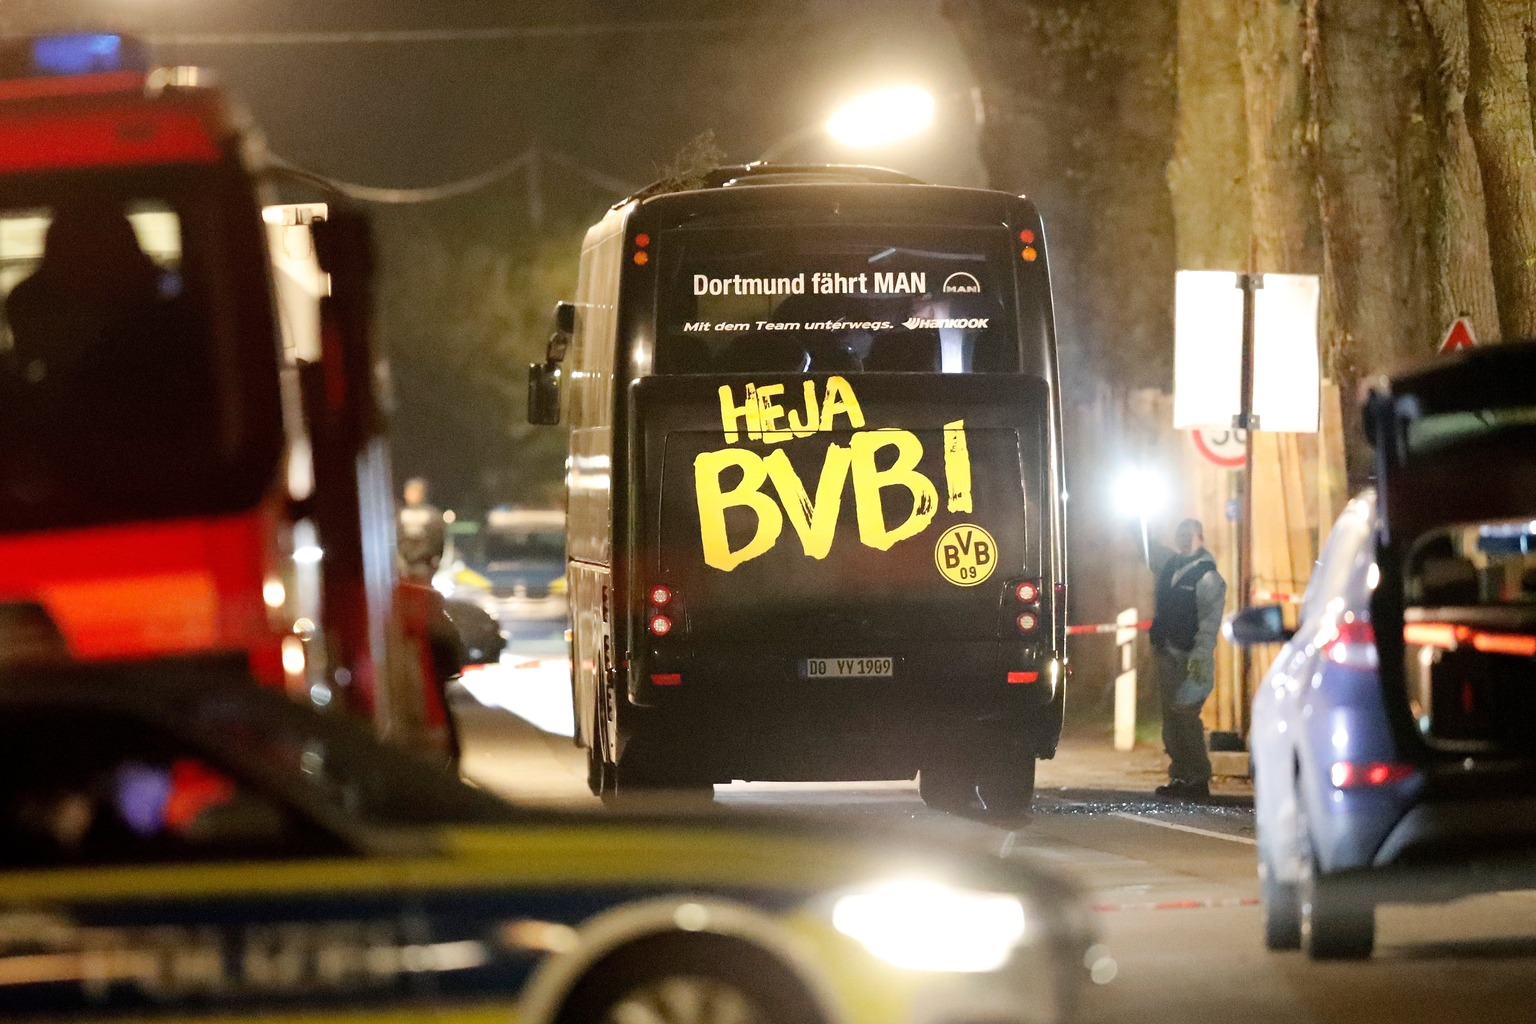 A Borussia Dortmund német labdarúgócsapat megrongálódott busza Dortmundban 2017. április 11-én, miután robbanások történtek a jármű közelében az AS Monaco elleni Bajnokok Ligája negyeddöntő mérkőzés előtt. Sajtóértesülések szerint a csapat egyik védője, Marc Bartra megsebesült a detonációkban. (Fotó: MTI/EPA/Friedmann Vogel)